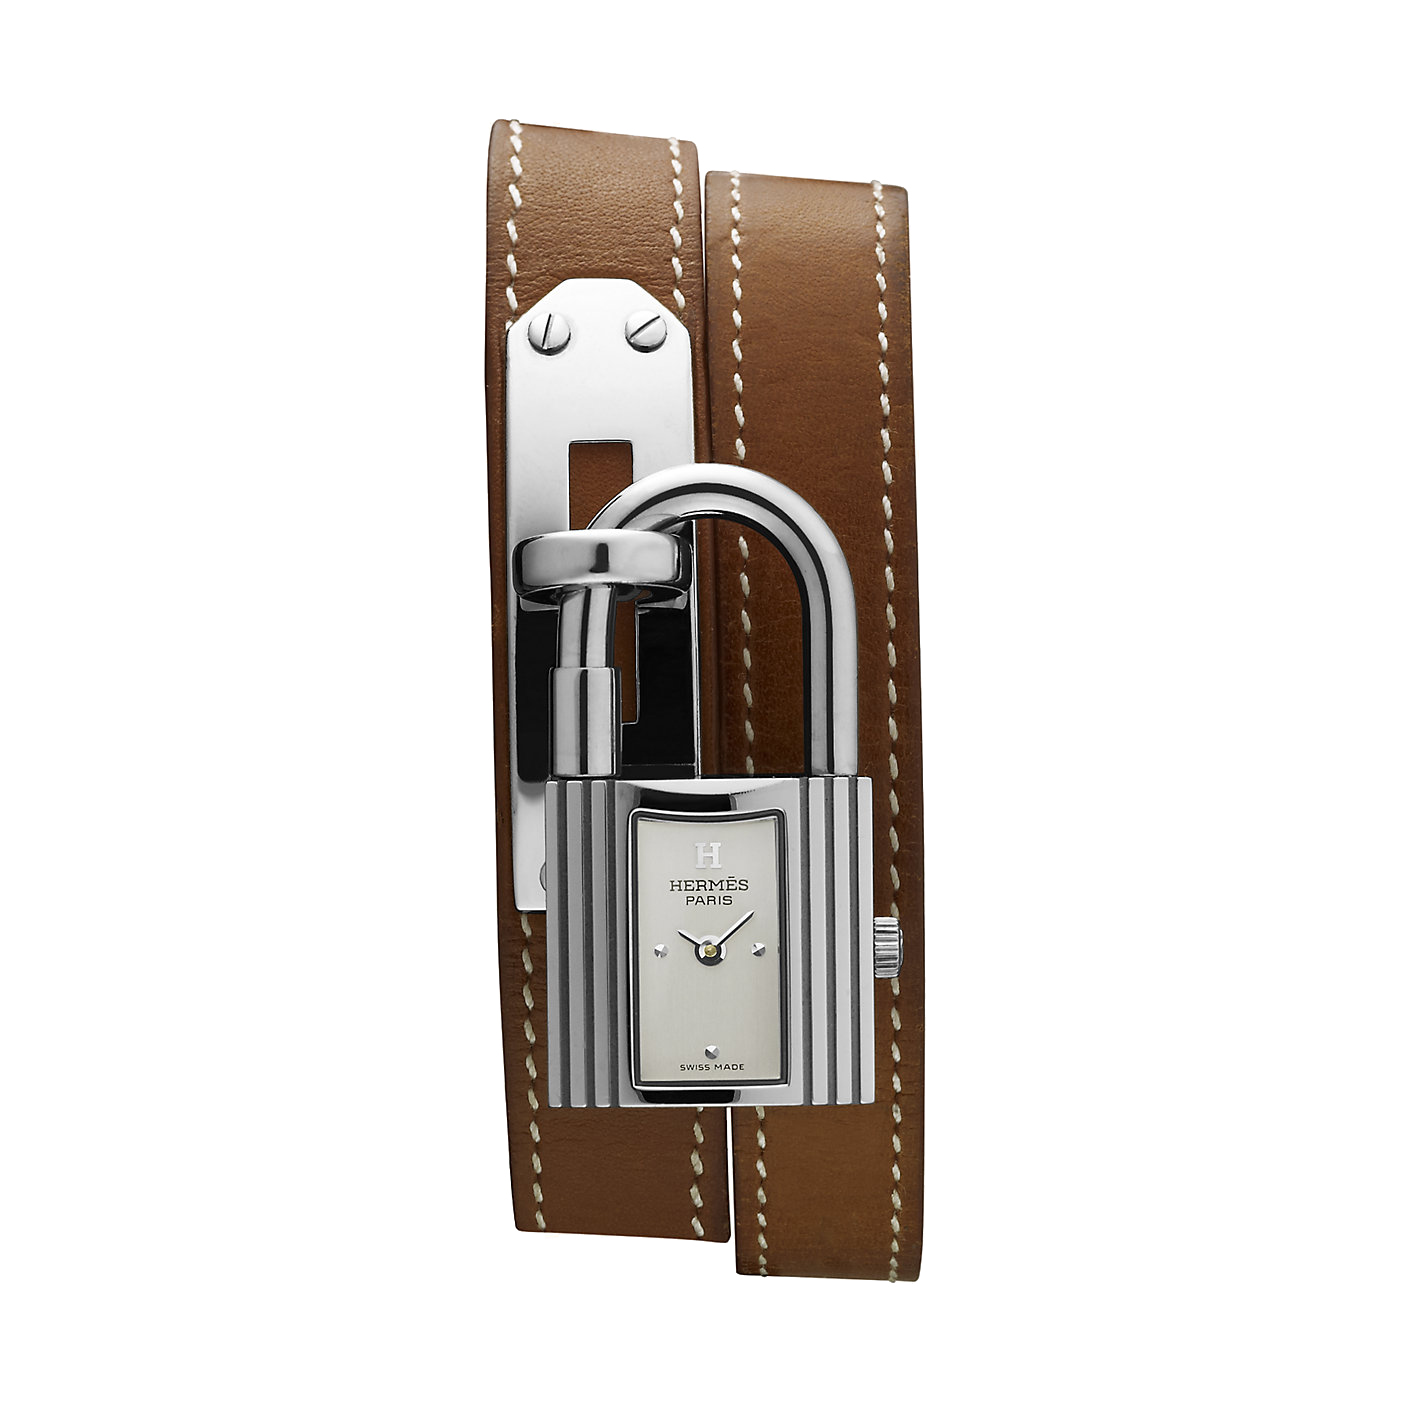 Hermès-kelly-20-x-20mm-Hall-of-Time-023673WW00Hermès-kelly-20-x-20mm-Hall-of-Time-023673WW00